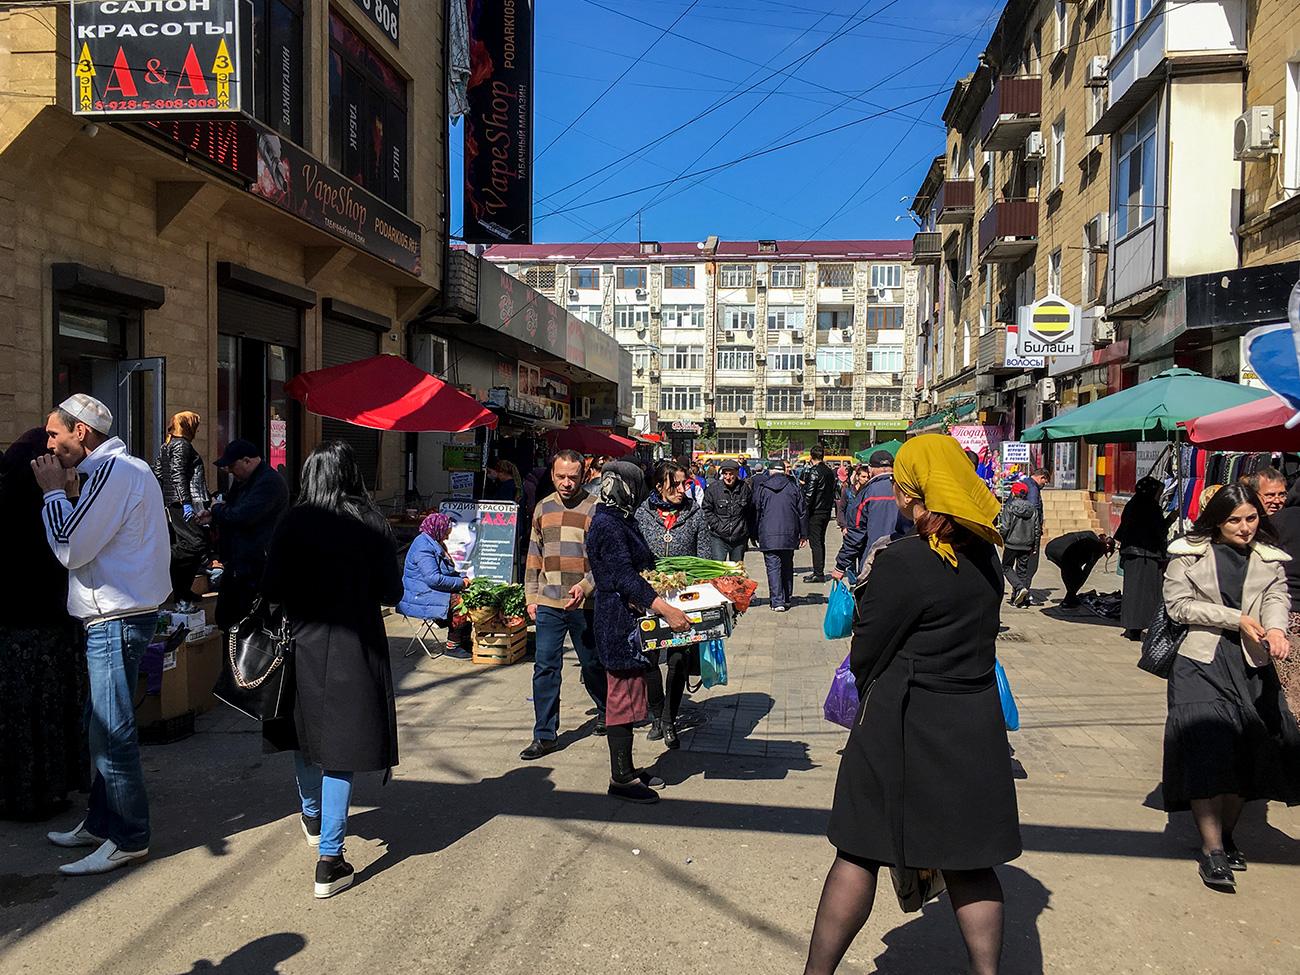 """""""Centar grada oko parlamenta i sveučilišta nudi mjesta gdje možete šetati u miru, a jako je blizu i Kaspijsko jezero. Središnja tržnica Mahačkale je najveća tržnica na otvorenom koju sam vidio u Rusiji. Osim toga, probajte shawarmu od janjetine na autobusnoj stanici Sjever"""", piše SohoInOC na Redditu. Dagestanska janjetina je regionalna delicija kojom se opskrbljuju čak i moskovski restorani. No, ljudi nemaju želju jesti šiš-kebab svaki dan, otud privlačnost kafića koji poslužuju lokalnu hranu i razne vrste dagestanskih khinkala, koje ovdje svaka etnička skupina pripravlja na svoj način, u potpunosti različit od gruzijskog. """"Pitanje koja je etnička skupina izumila pojedinu vrstu khinkala ili mesne pite chudu među Dagestancima može izazvati žestoke prepirke"""", kaže Jana Martirosova, vodič. Ali hrana nije jedini problem ovog tipa: grad ima svoju nogometnu momčad, NK Anži, i sukobi navijača protivničkih momčadi nisu neuobičajeni."""